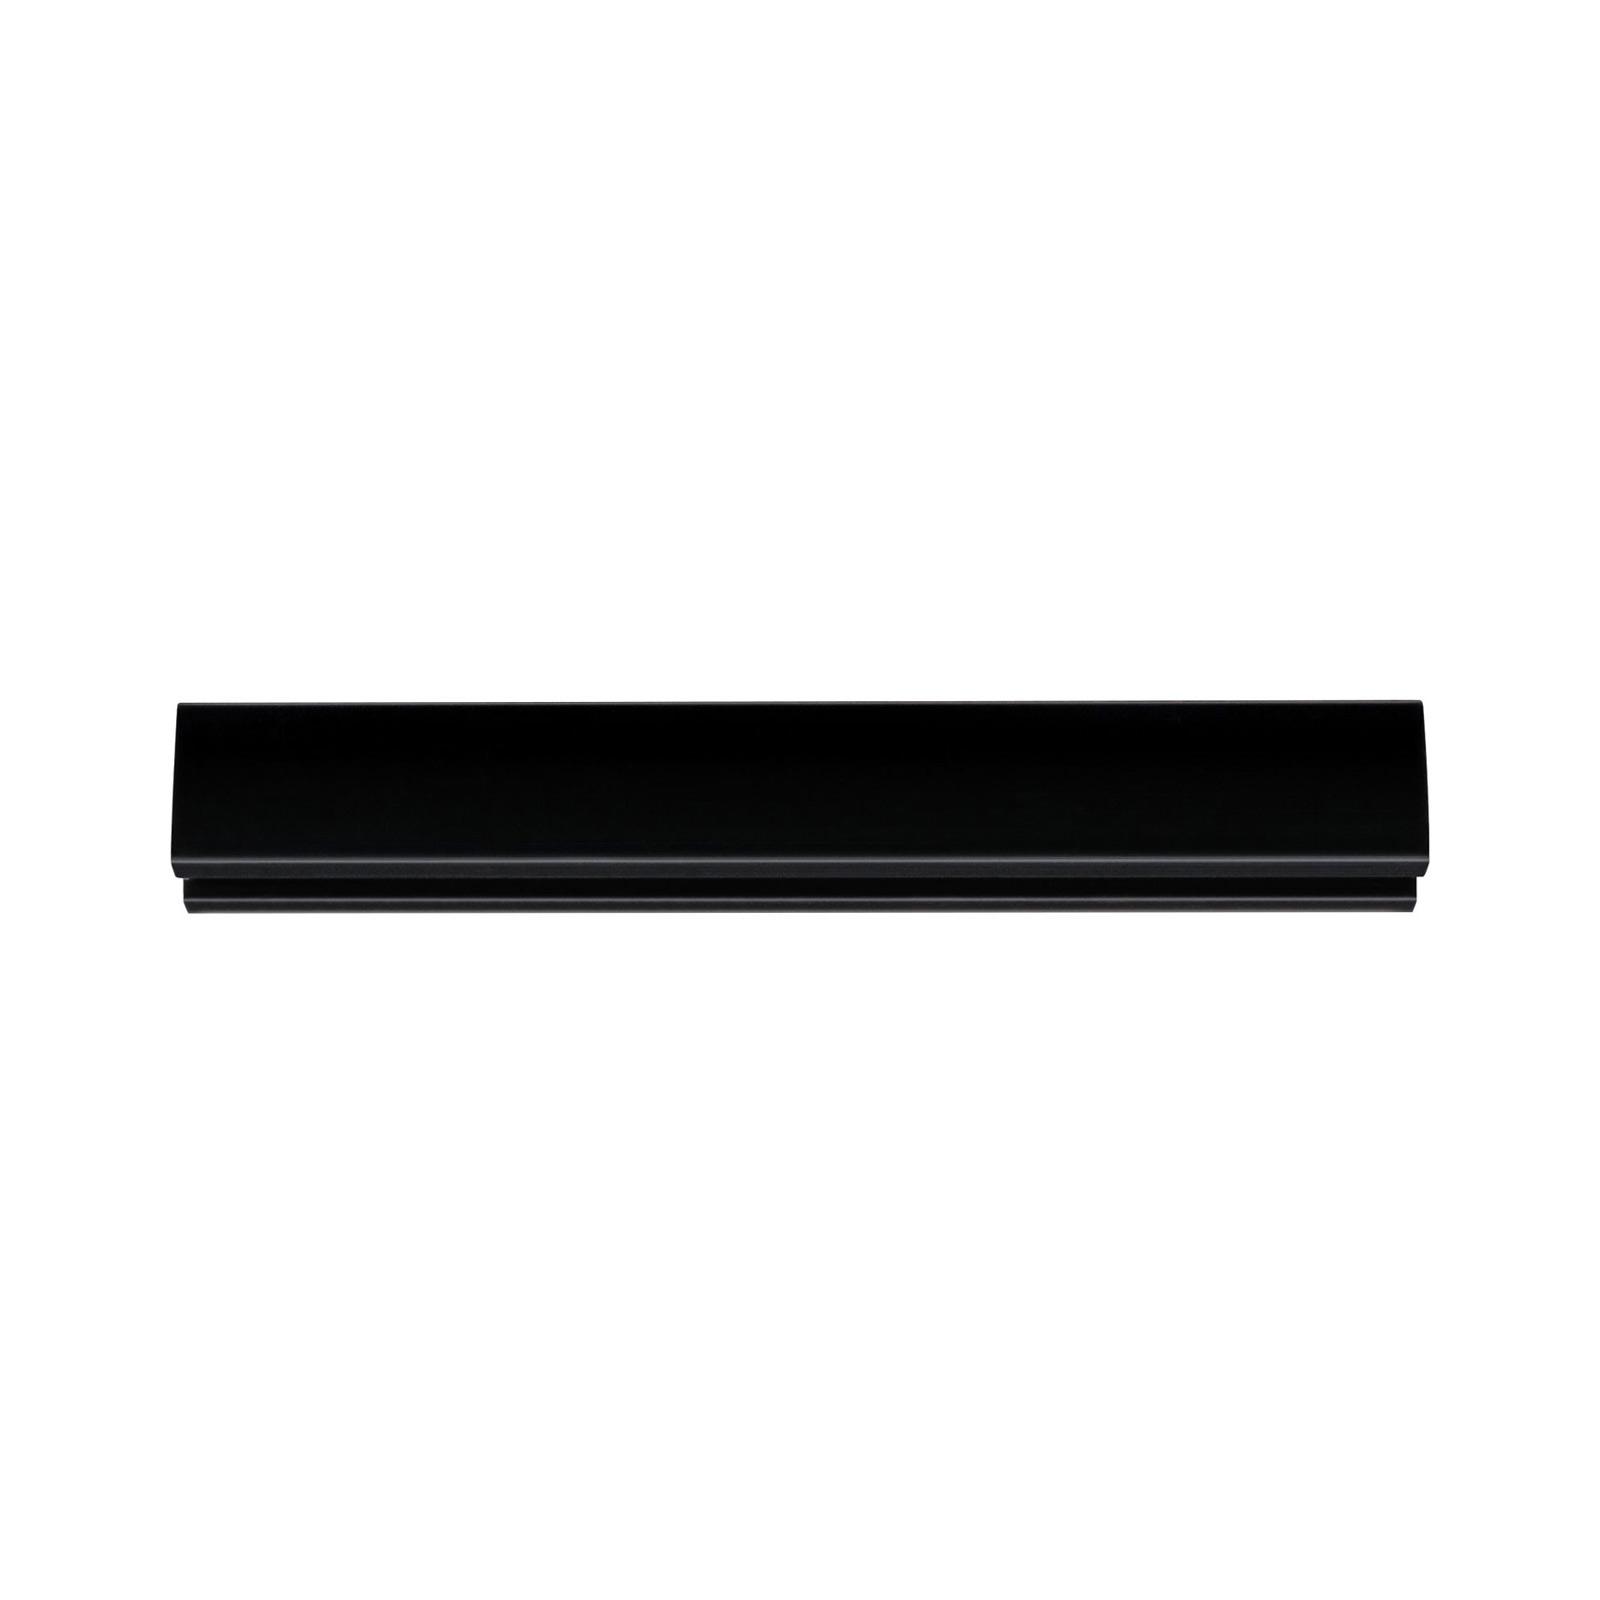 Paulmann URail System-Schiene schwarz matt, 10 cm